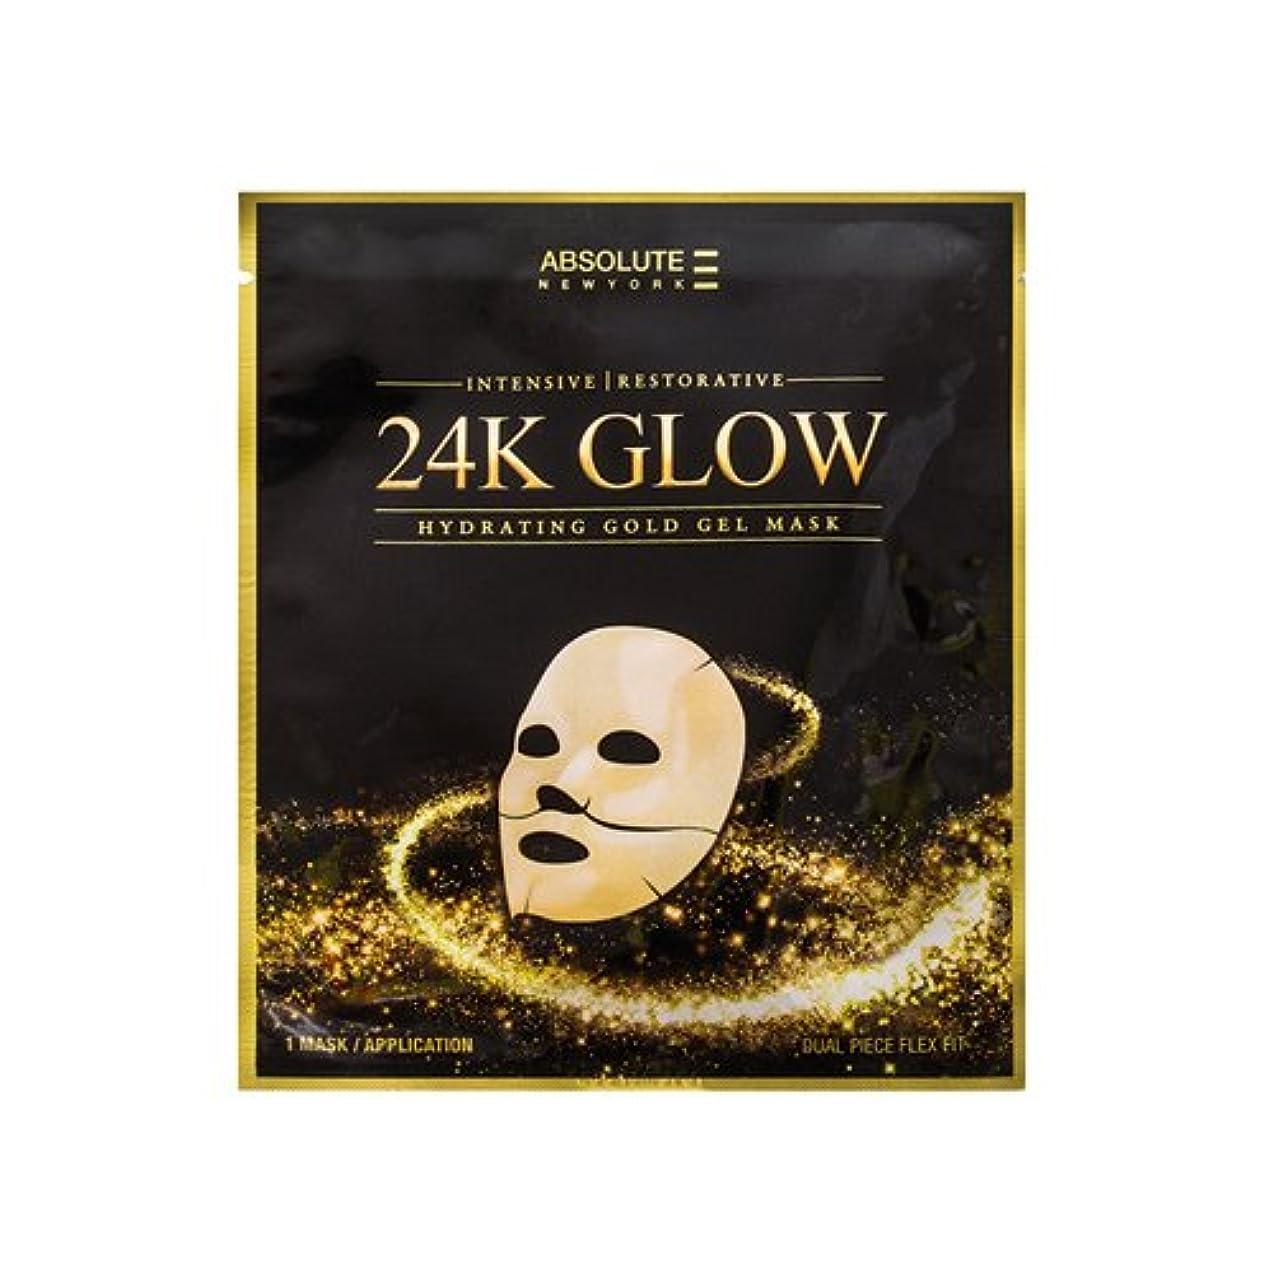 憂鬱な実質的に上へ(3 Pack) Absolute 24K Glow Gold Gel Mask (並行輸入品)